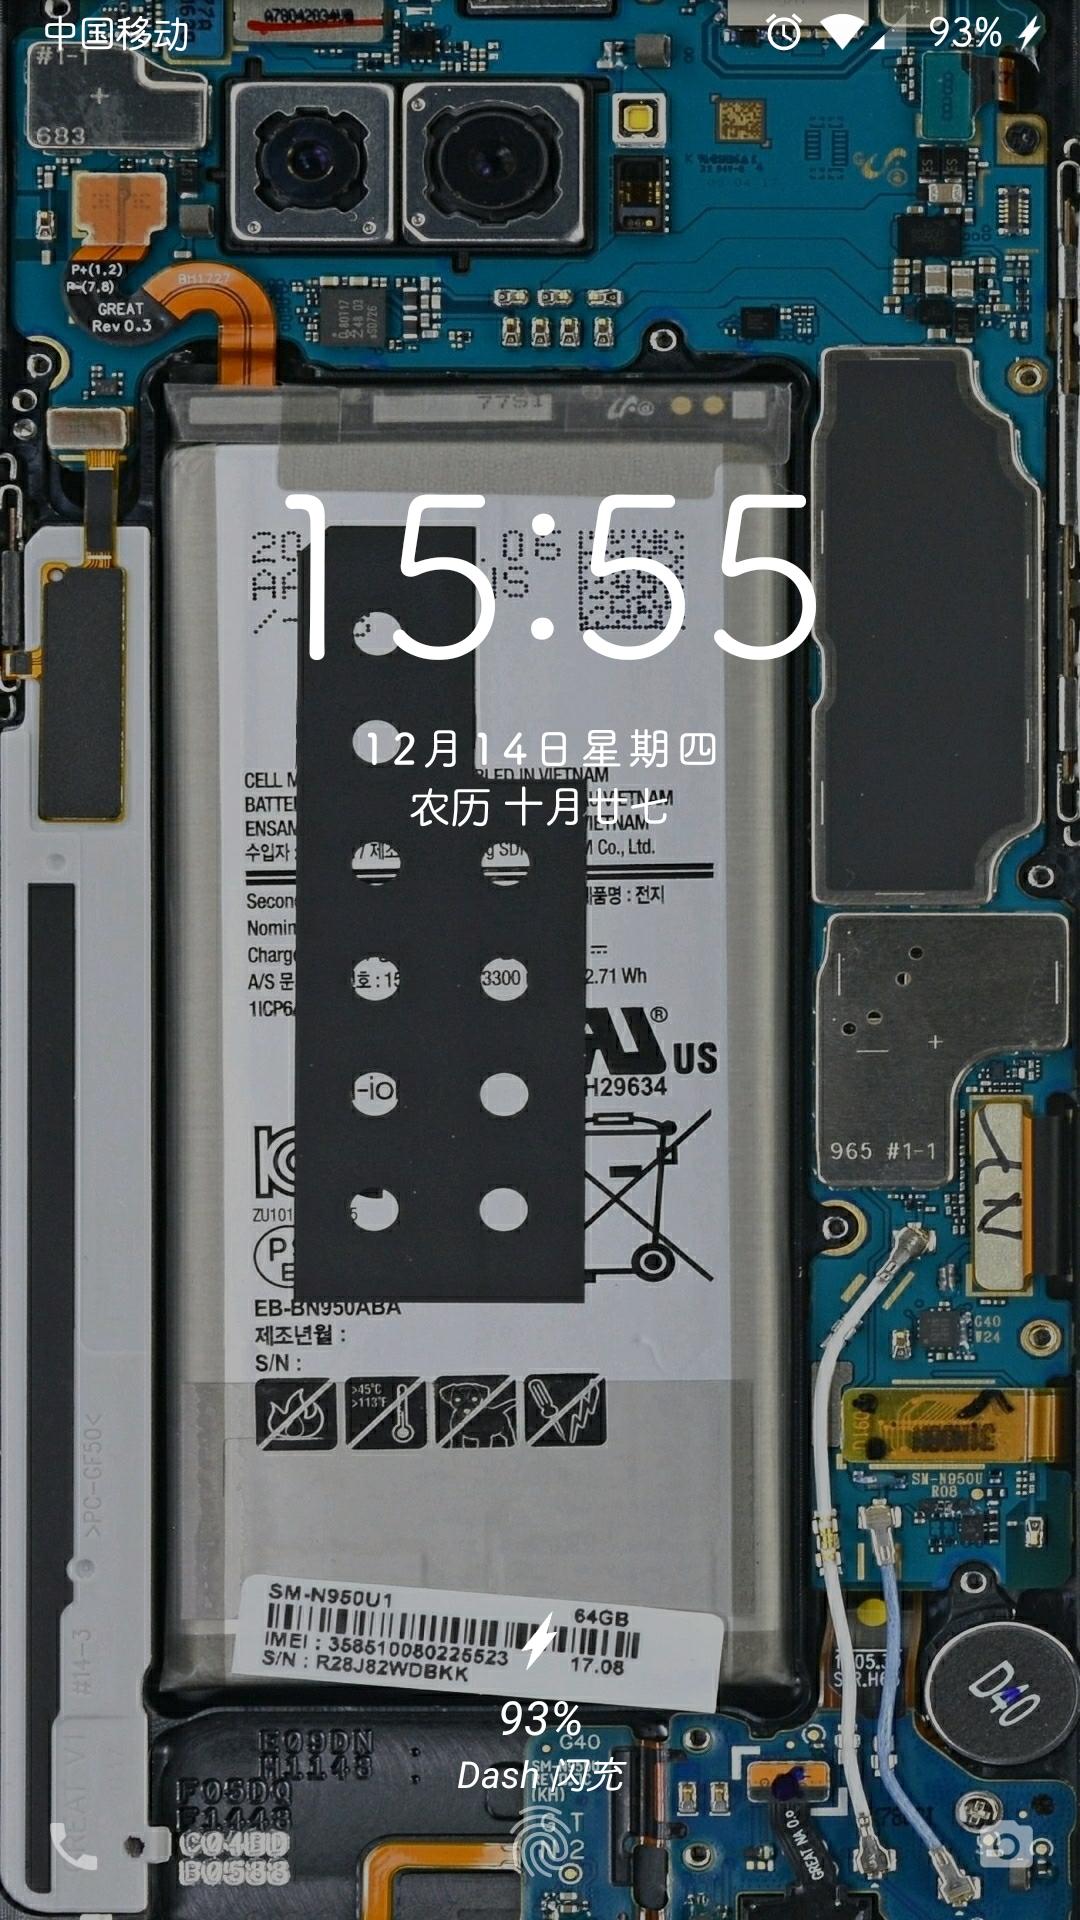 【资源组】手机电路板壁纸★看着挺有意思★ .